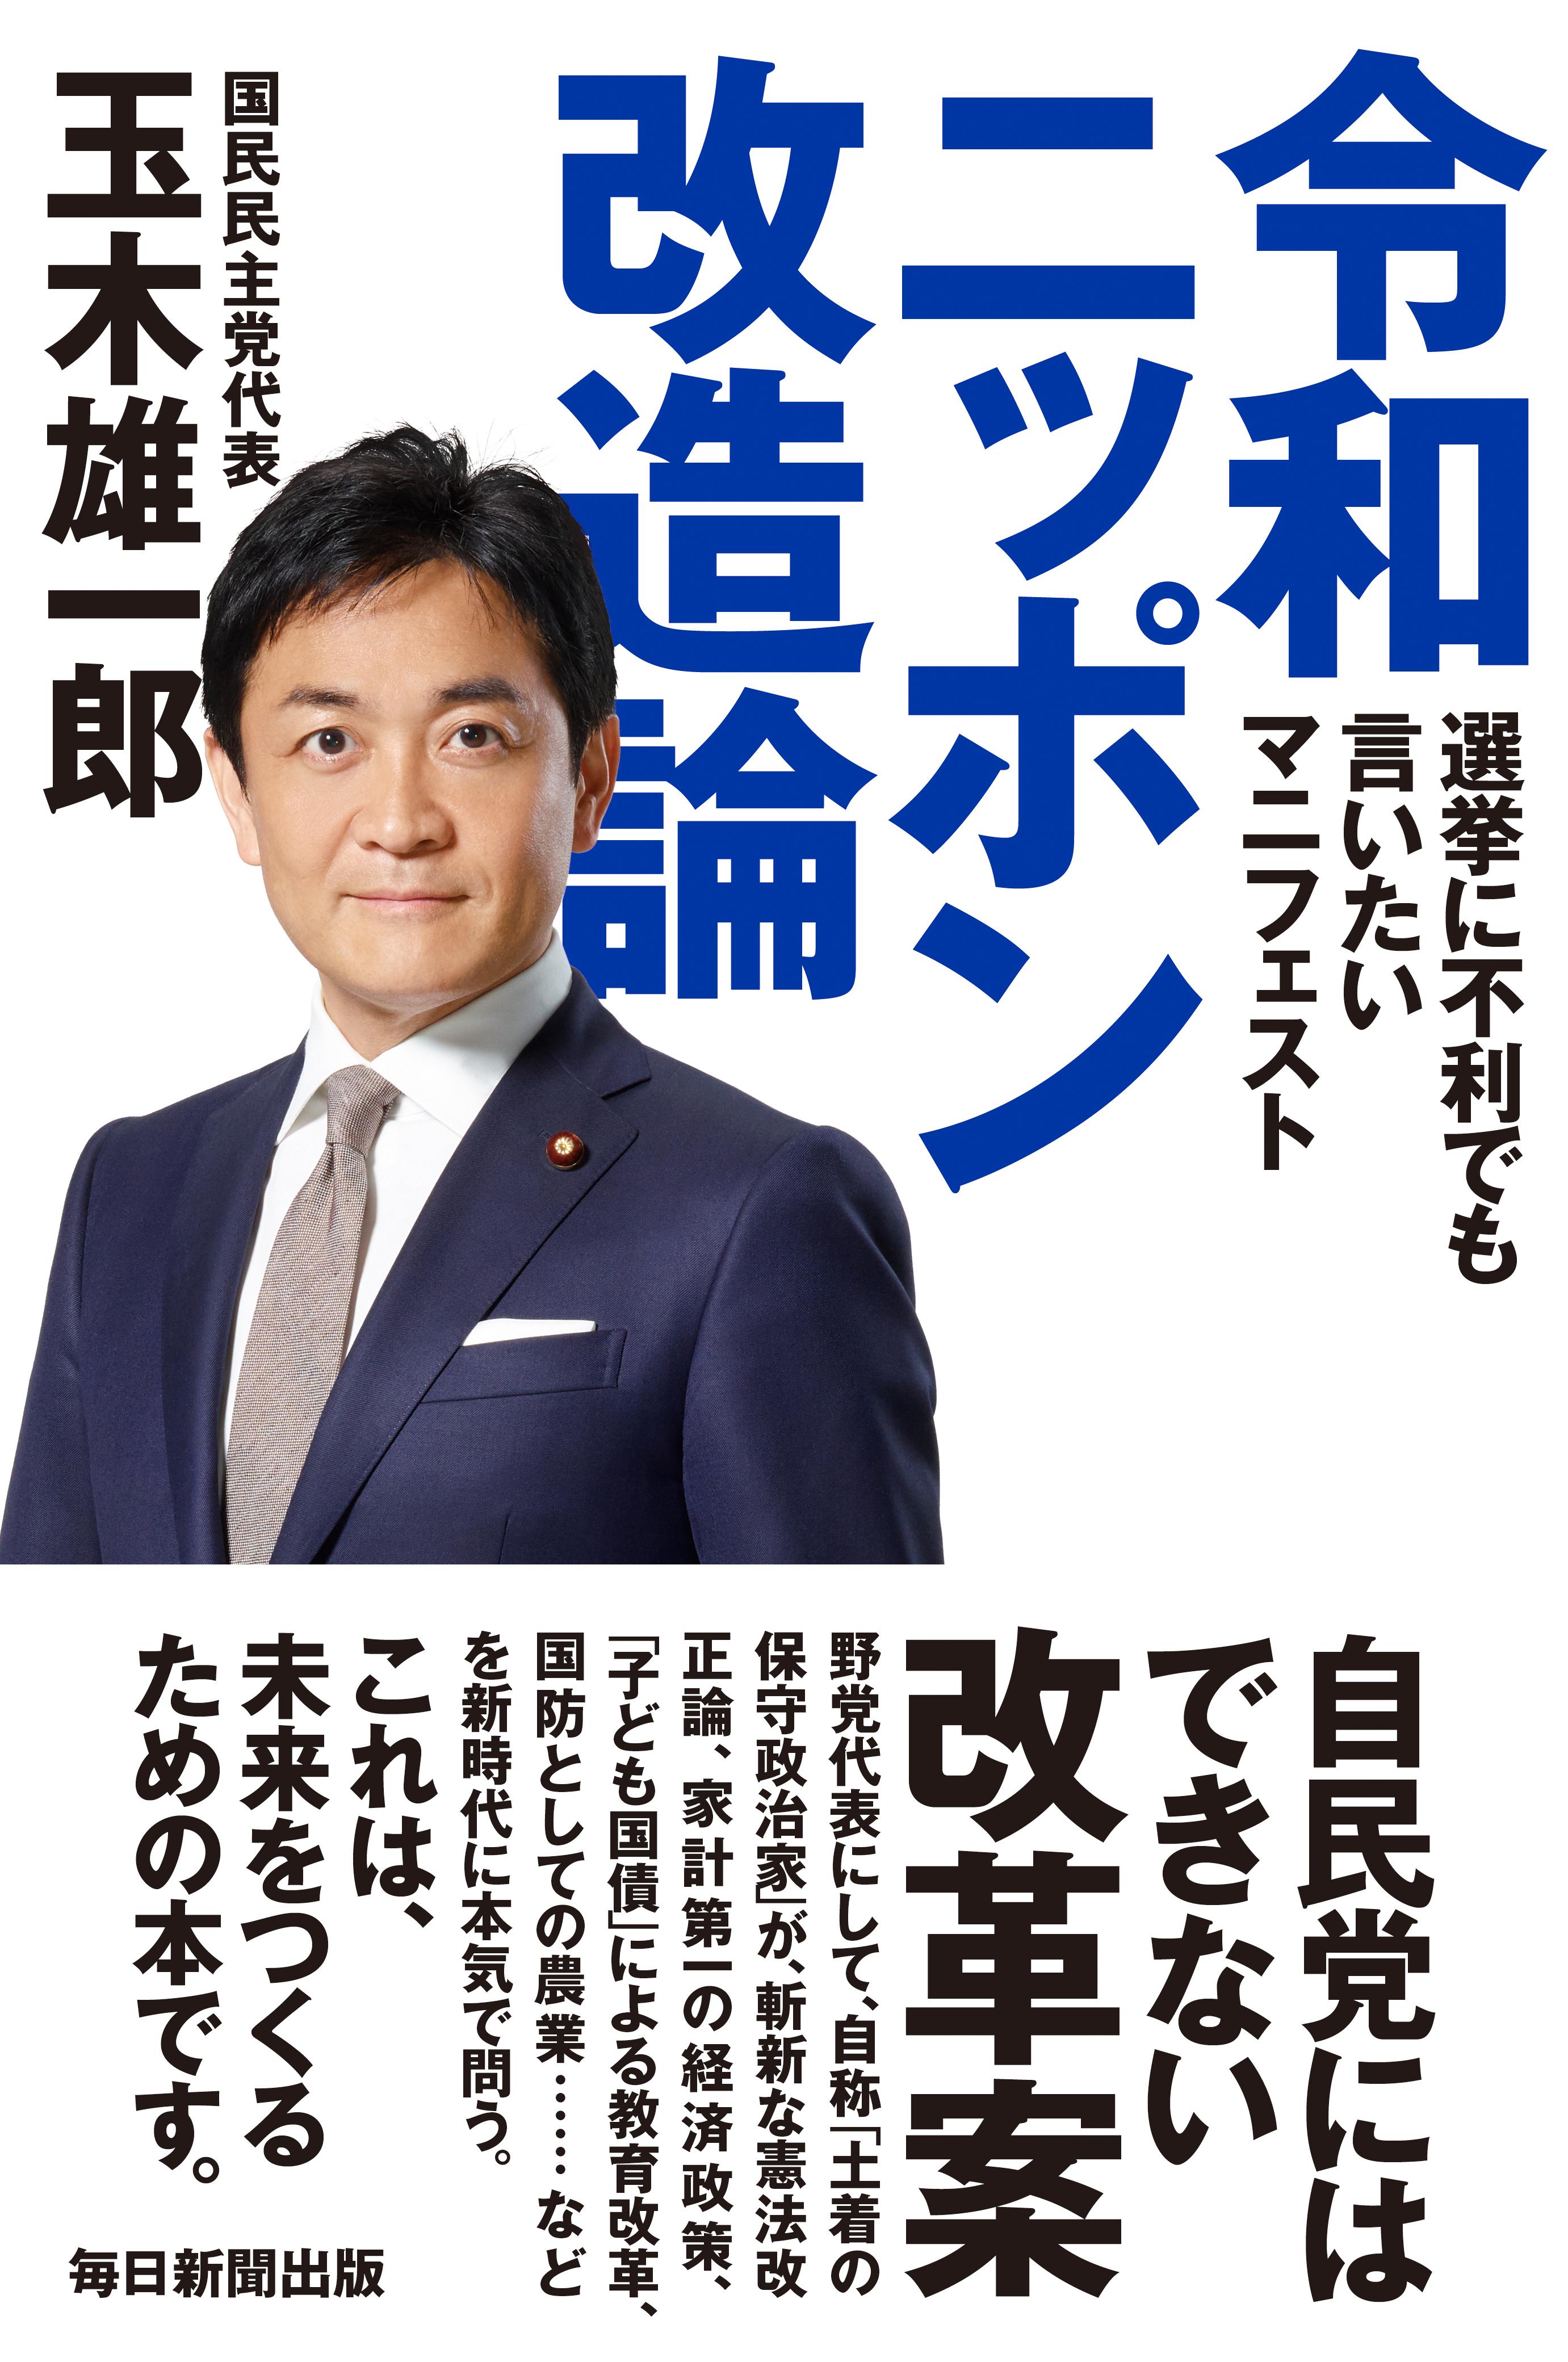 書影:令和ニッポン改造論 選挙に不利でも言いたいマニフェスト